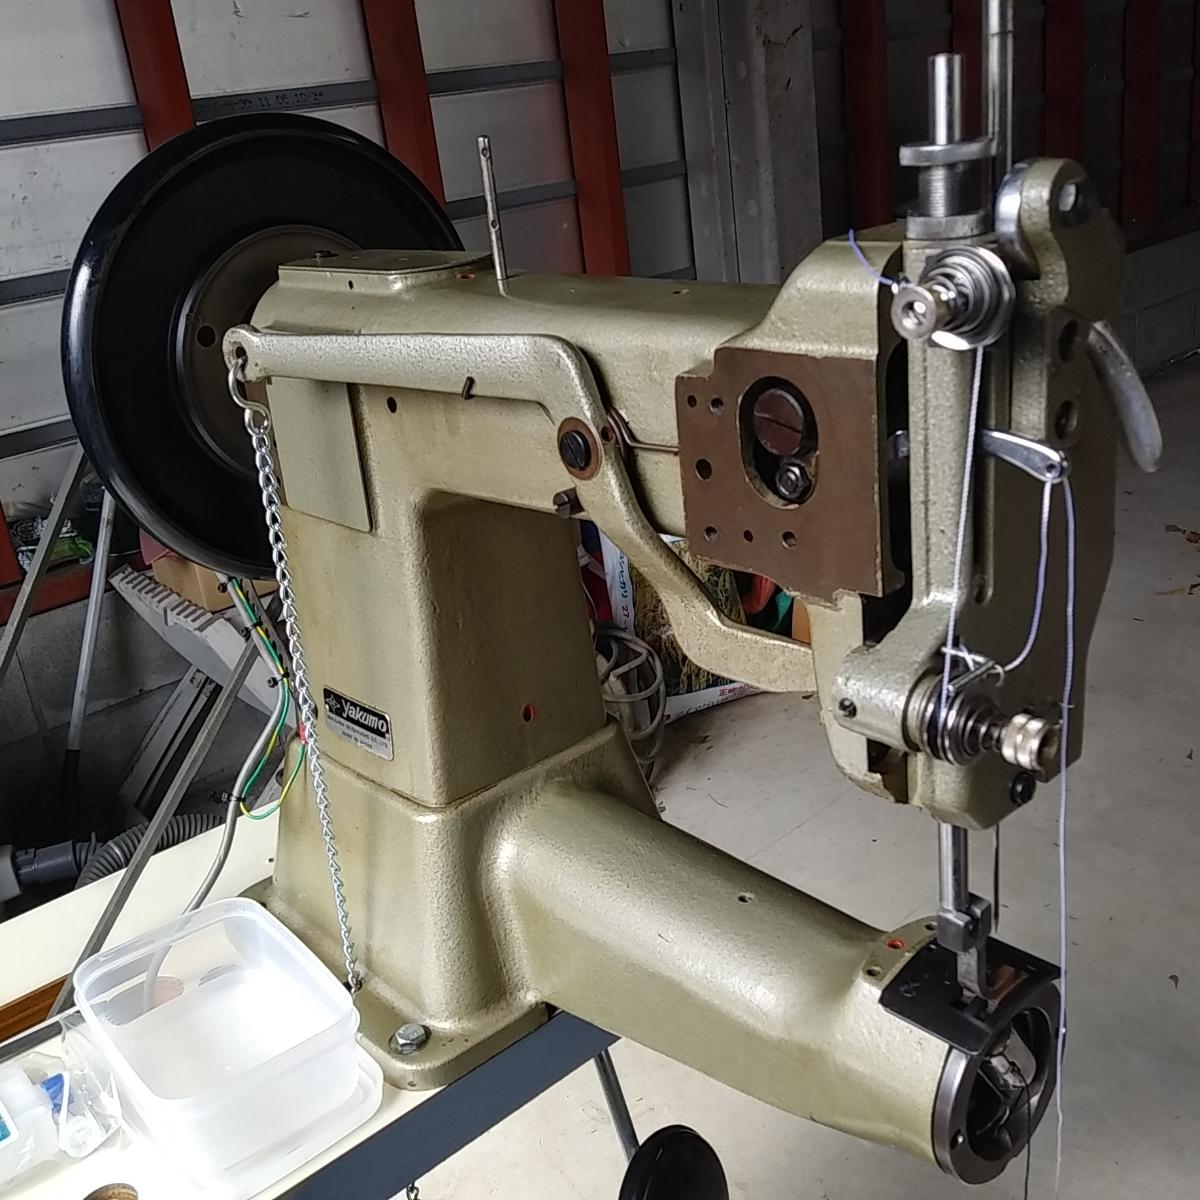 超貴重 保証有り ヤクモ 45ミシン 実働品 調整済 腕ミシン_画像6